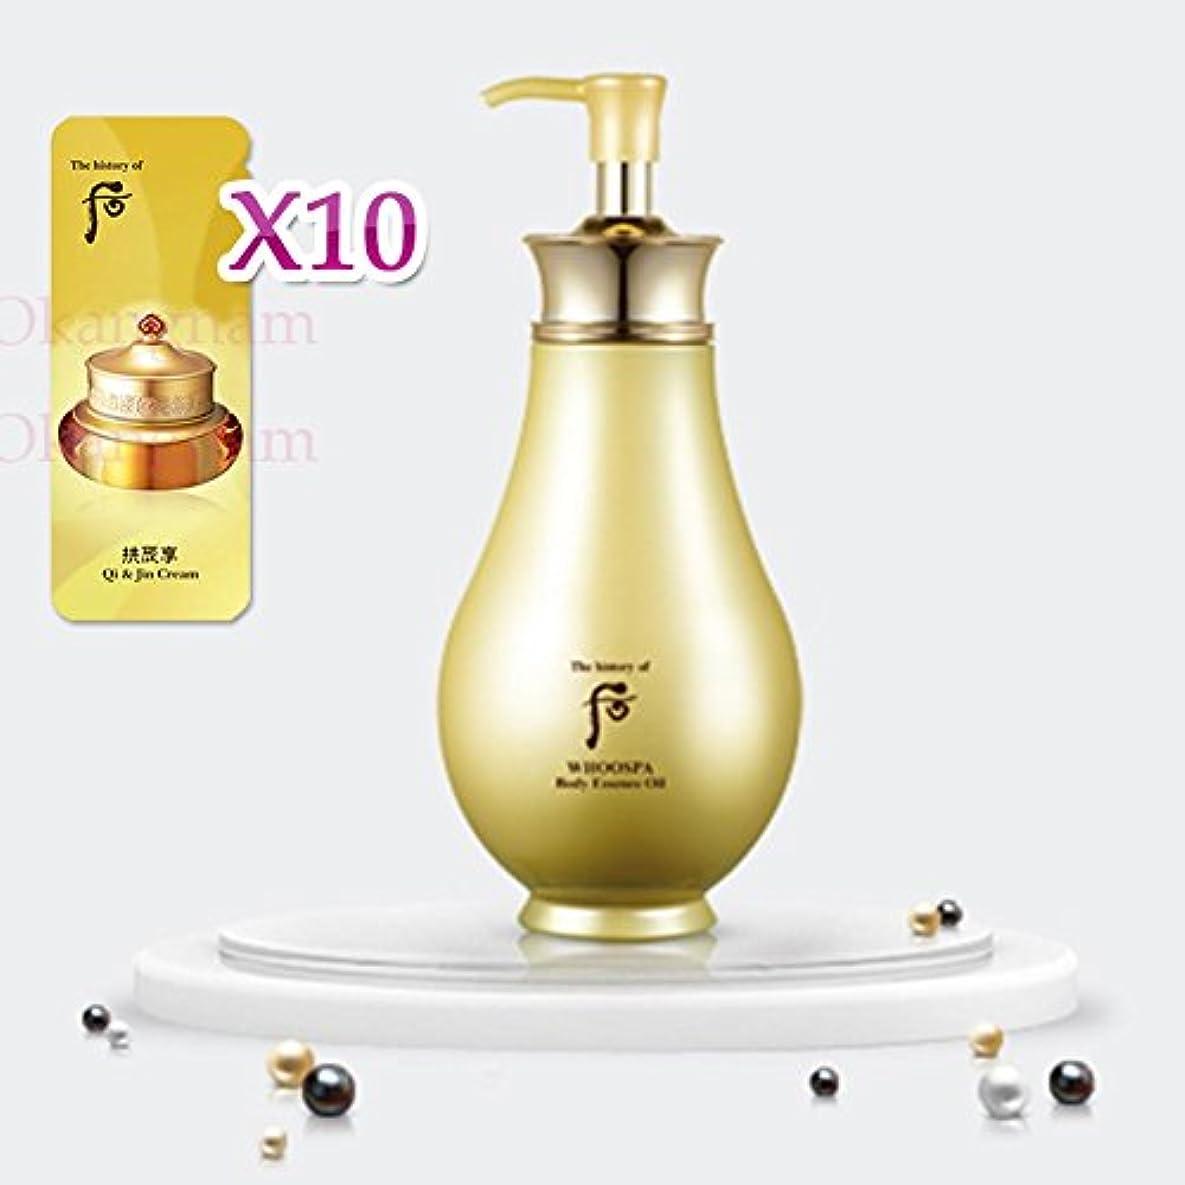 雪の自動化パス【フー/The history of whoo] Whoo后SPA03 Whoo Spa Body Essence Oil/后(フー)フス派ボディエッセンスオイル + [Sample Gift](海外直送品)